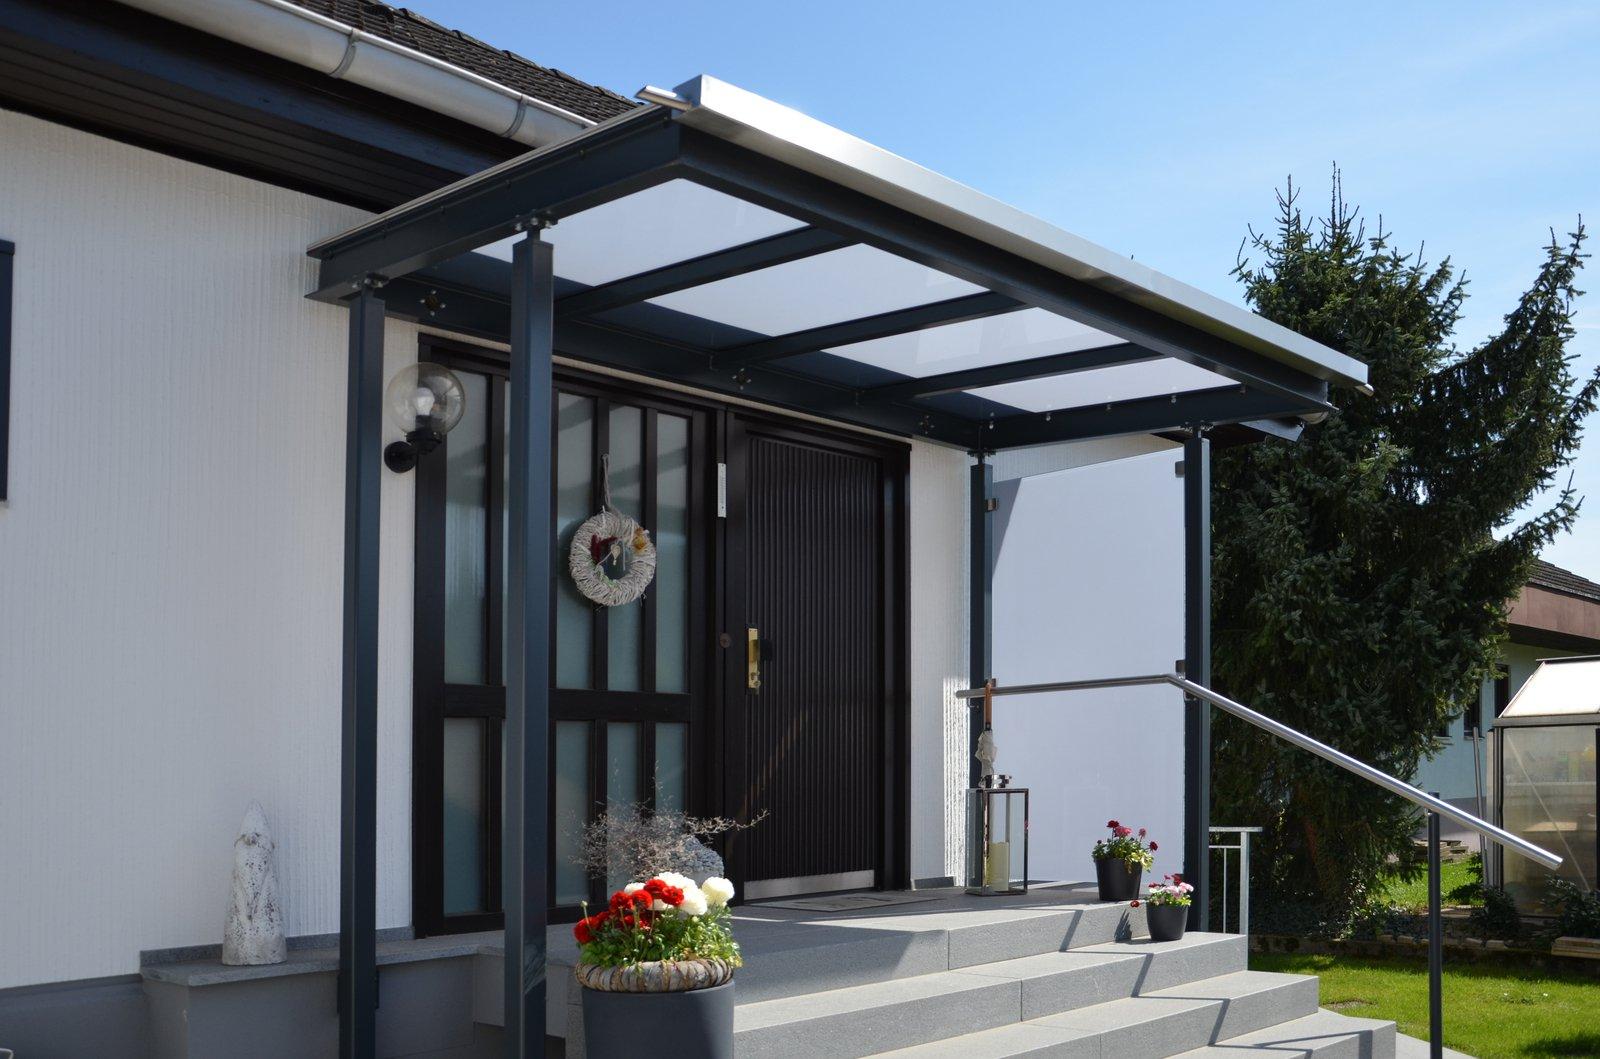 Windfang Hauseingang Glas vordach über eingang lackierte stahlkonstruktion mit glasauflage